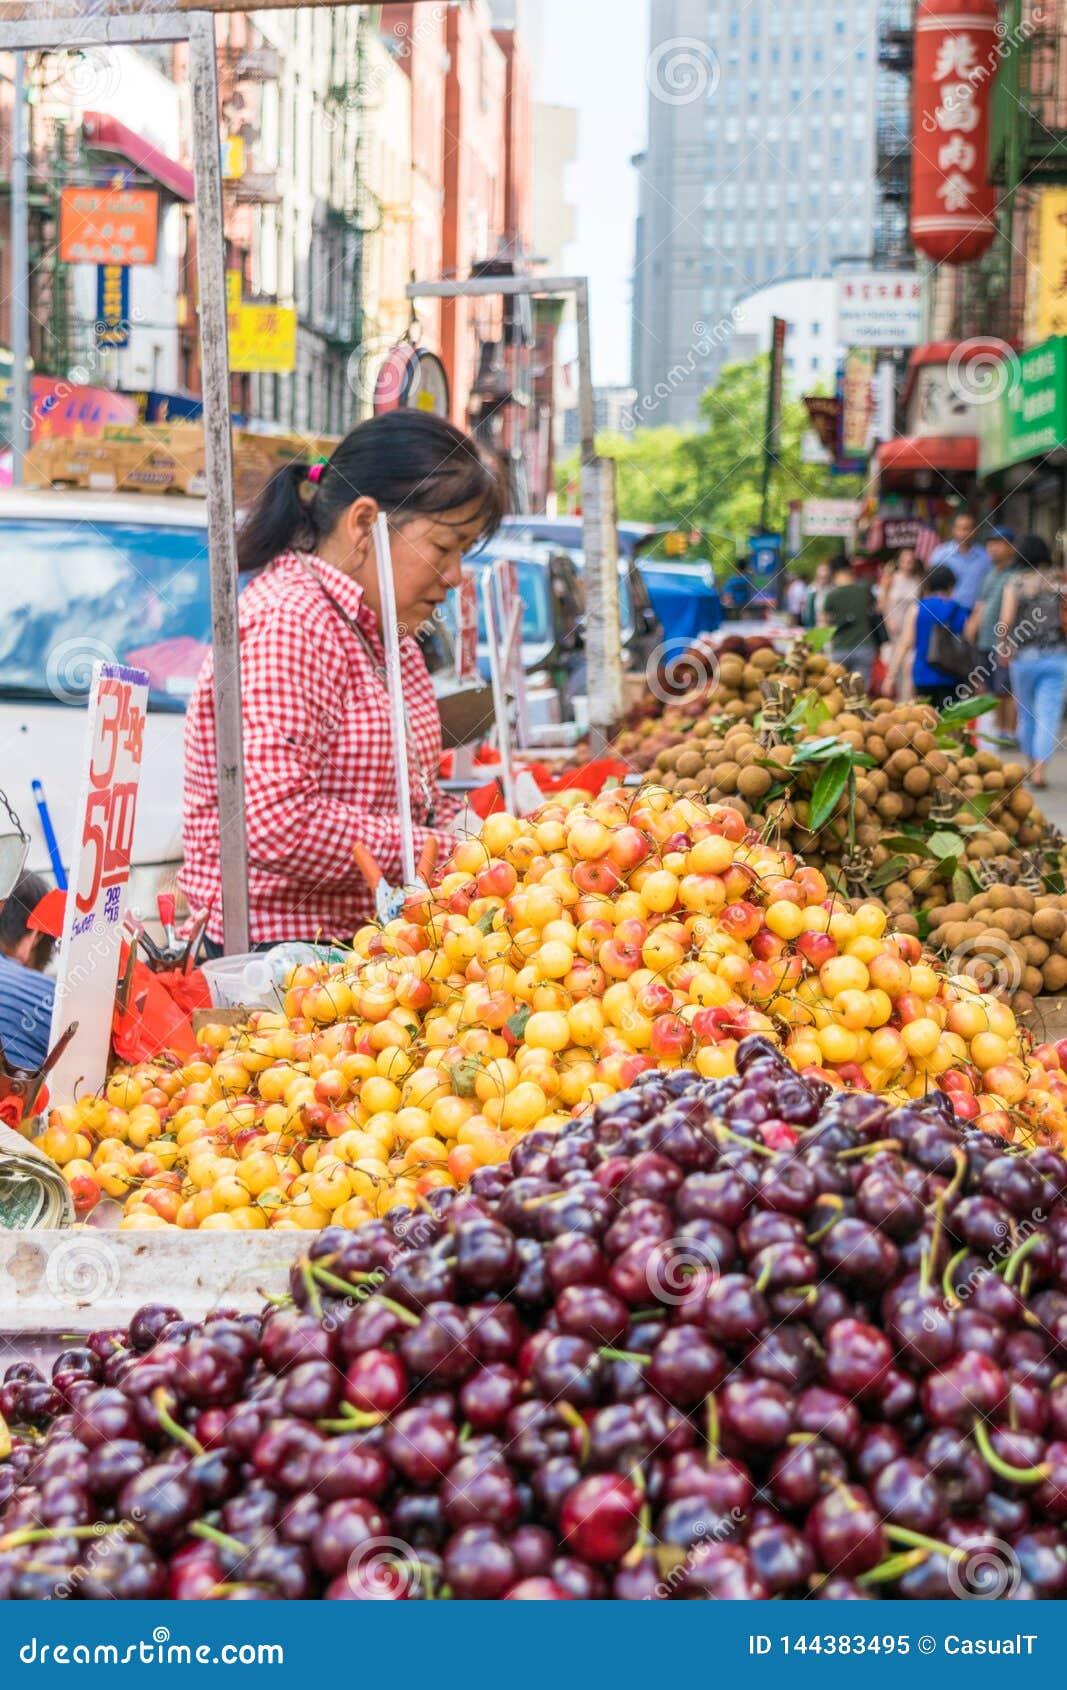 New York City, NY/EUA - 08/01/2018: Vendedores ambulantes que vendem o fruto na área do bairro chinês de New York City, Manhattan